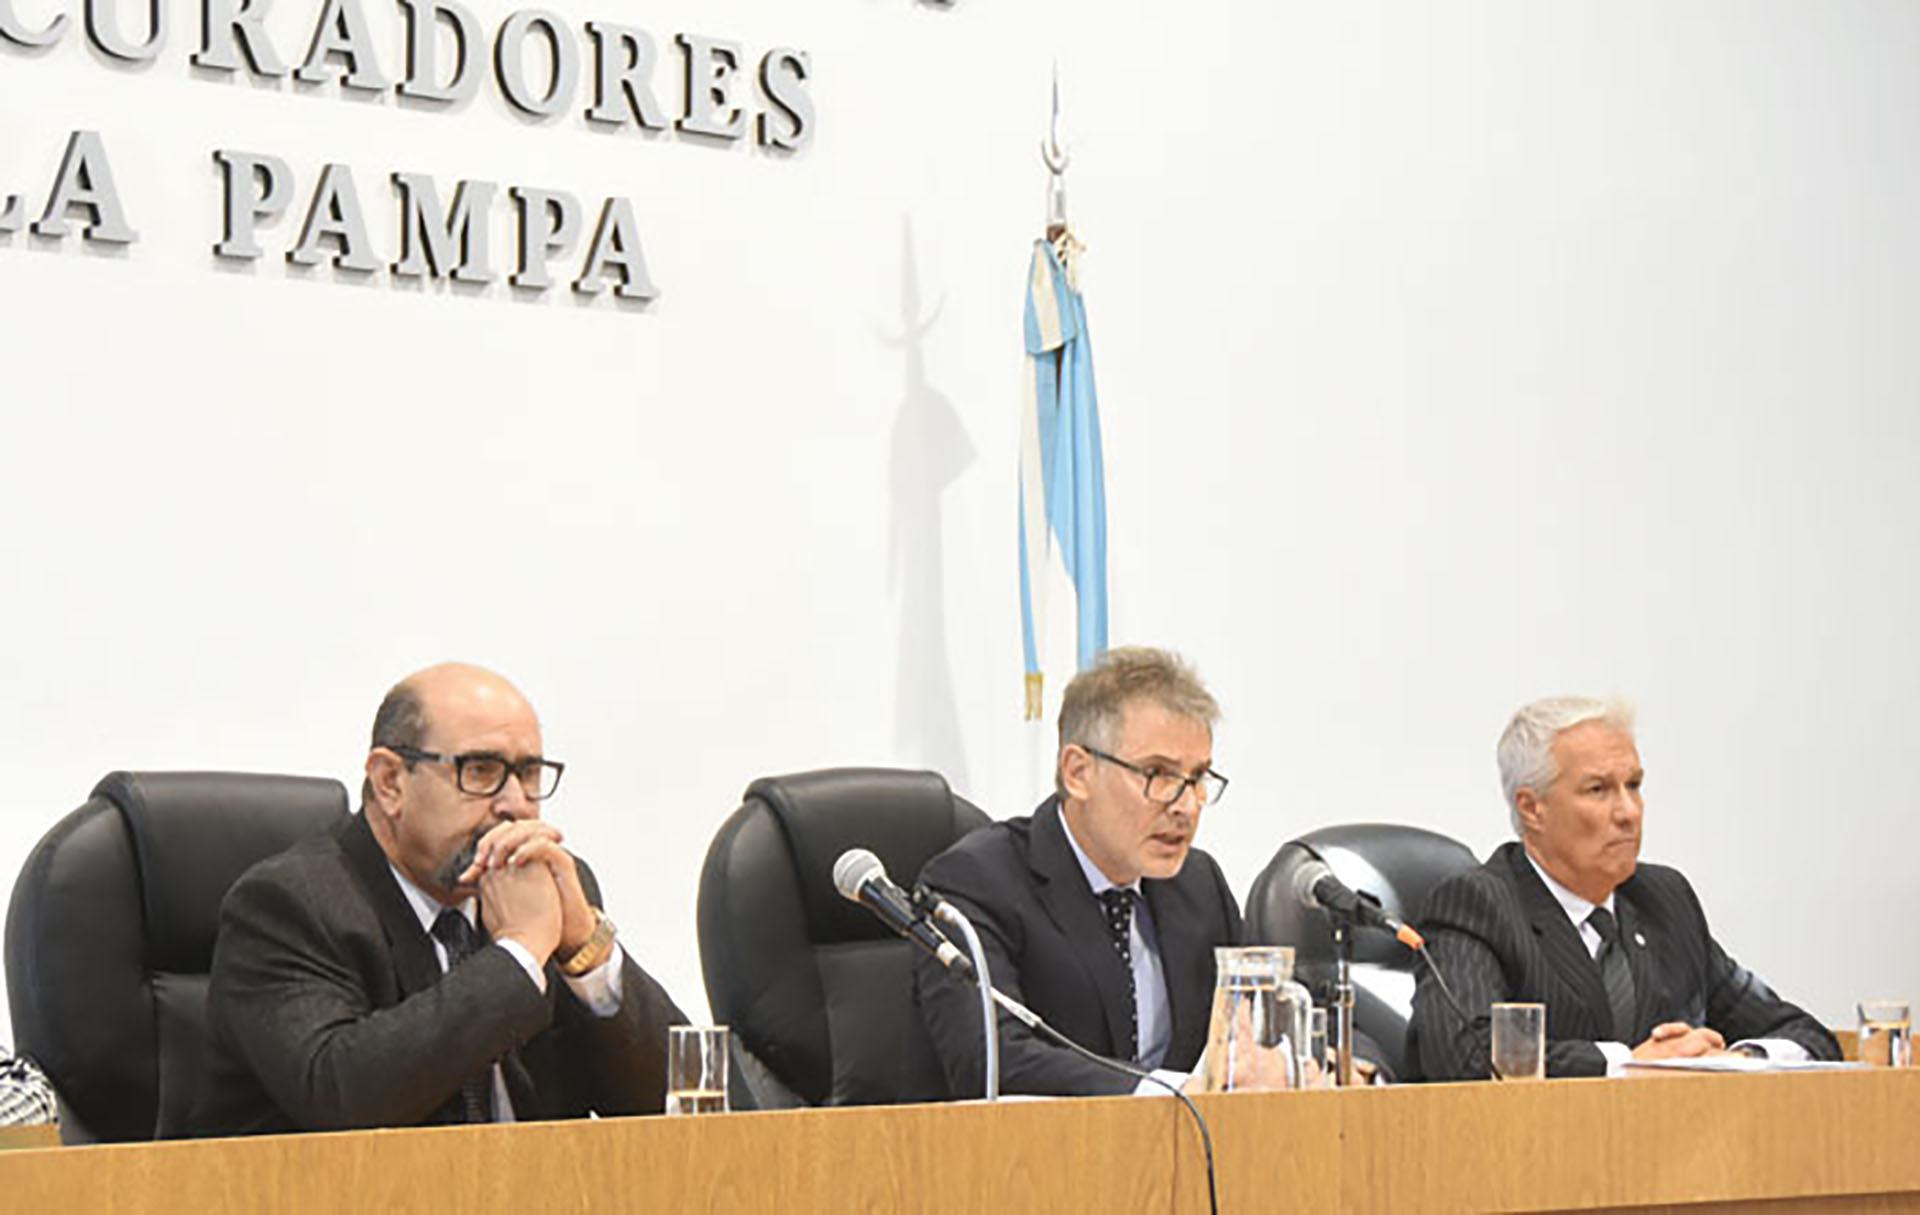 """El tribunal oral que condenó al ex- juez y ordenó su detención (Fotografía """"El Diario de La Pampa"""")"""